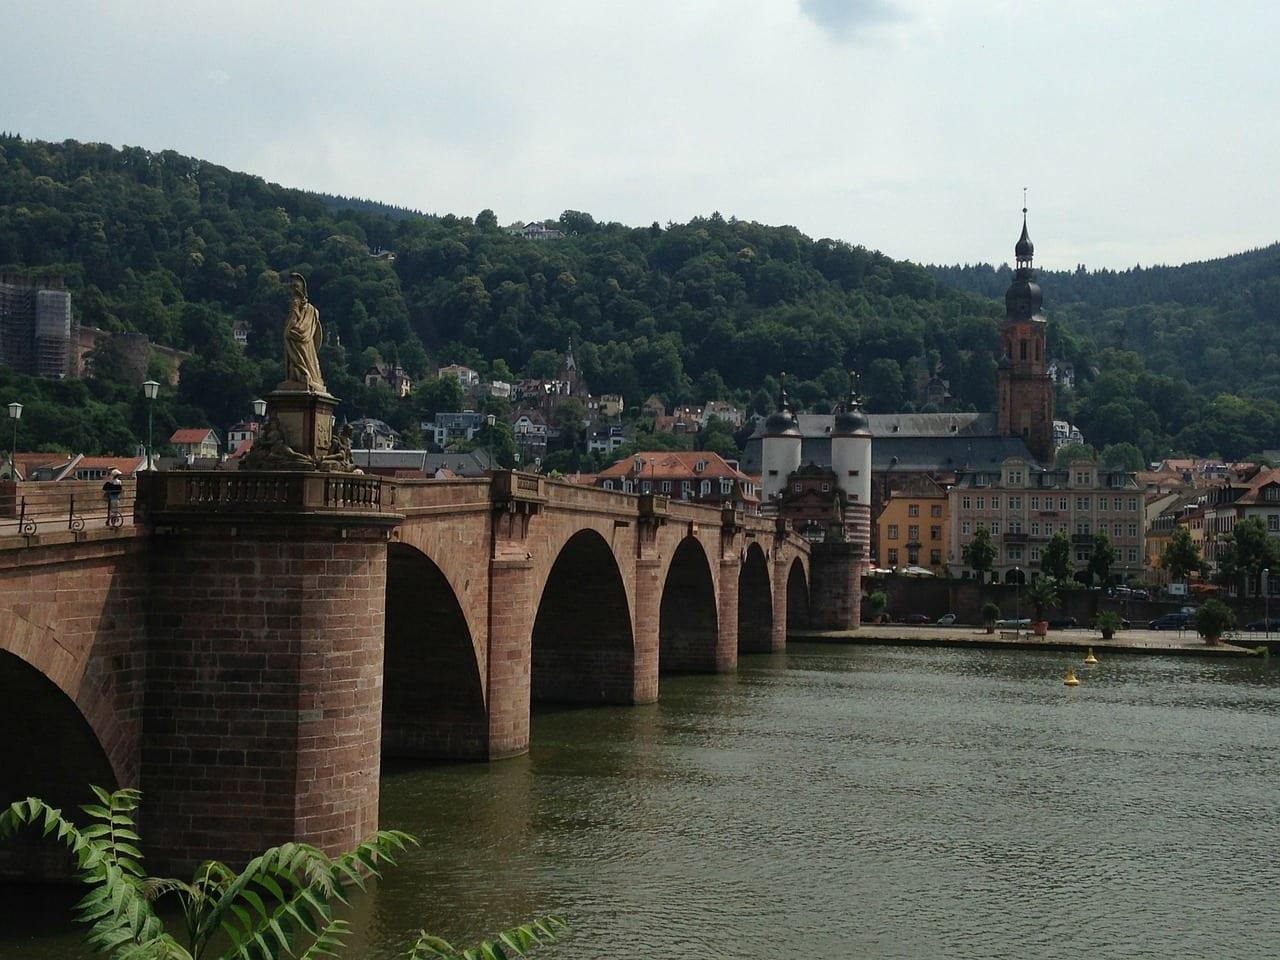 Heidelberg Puente Karl-theodor República de Sudáfrica